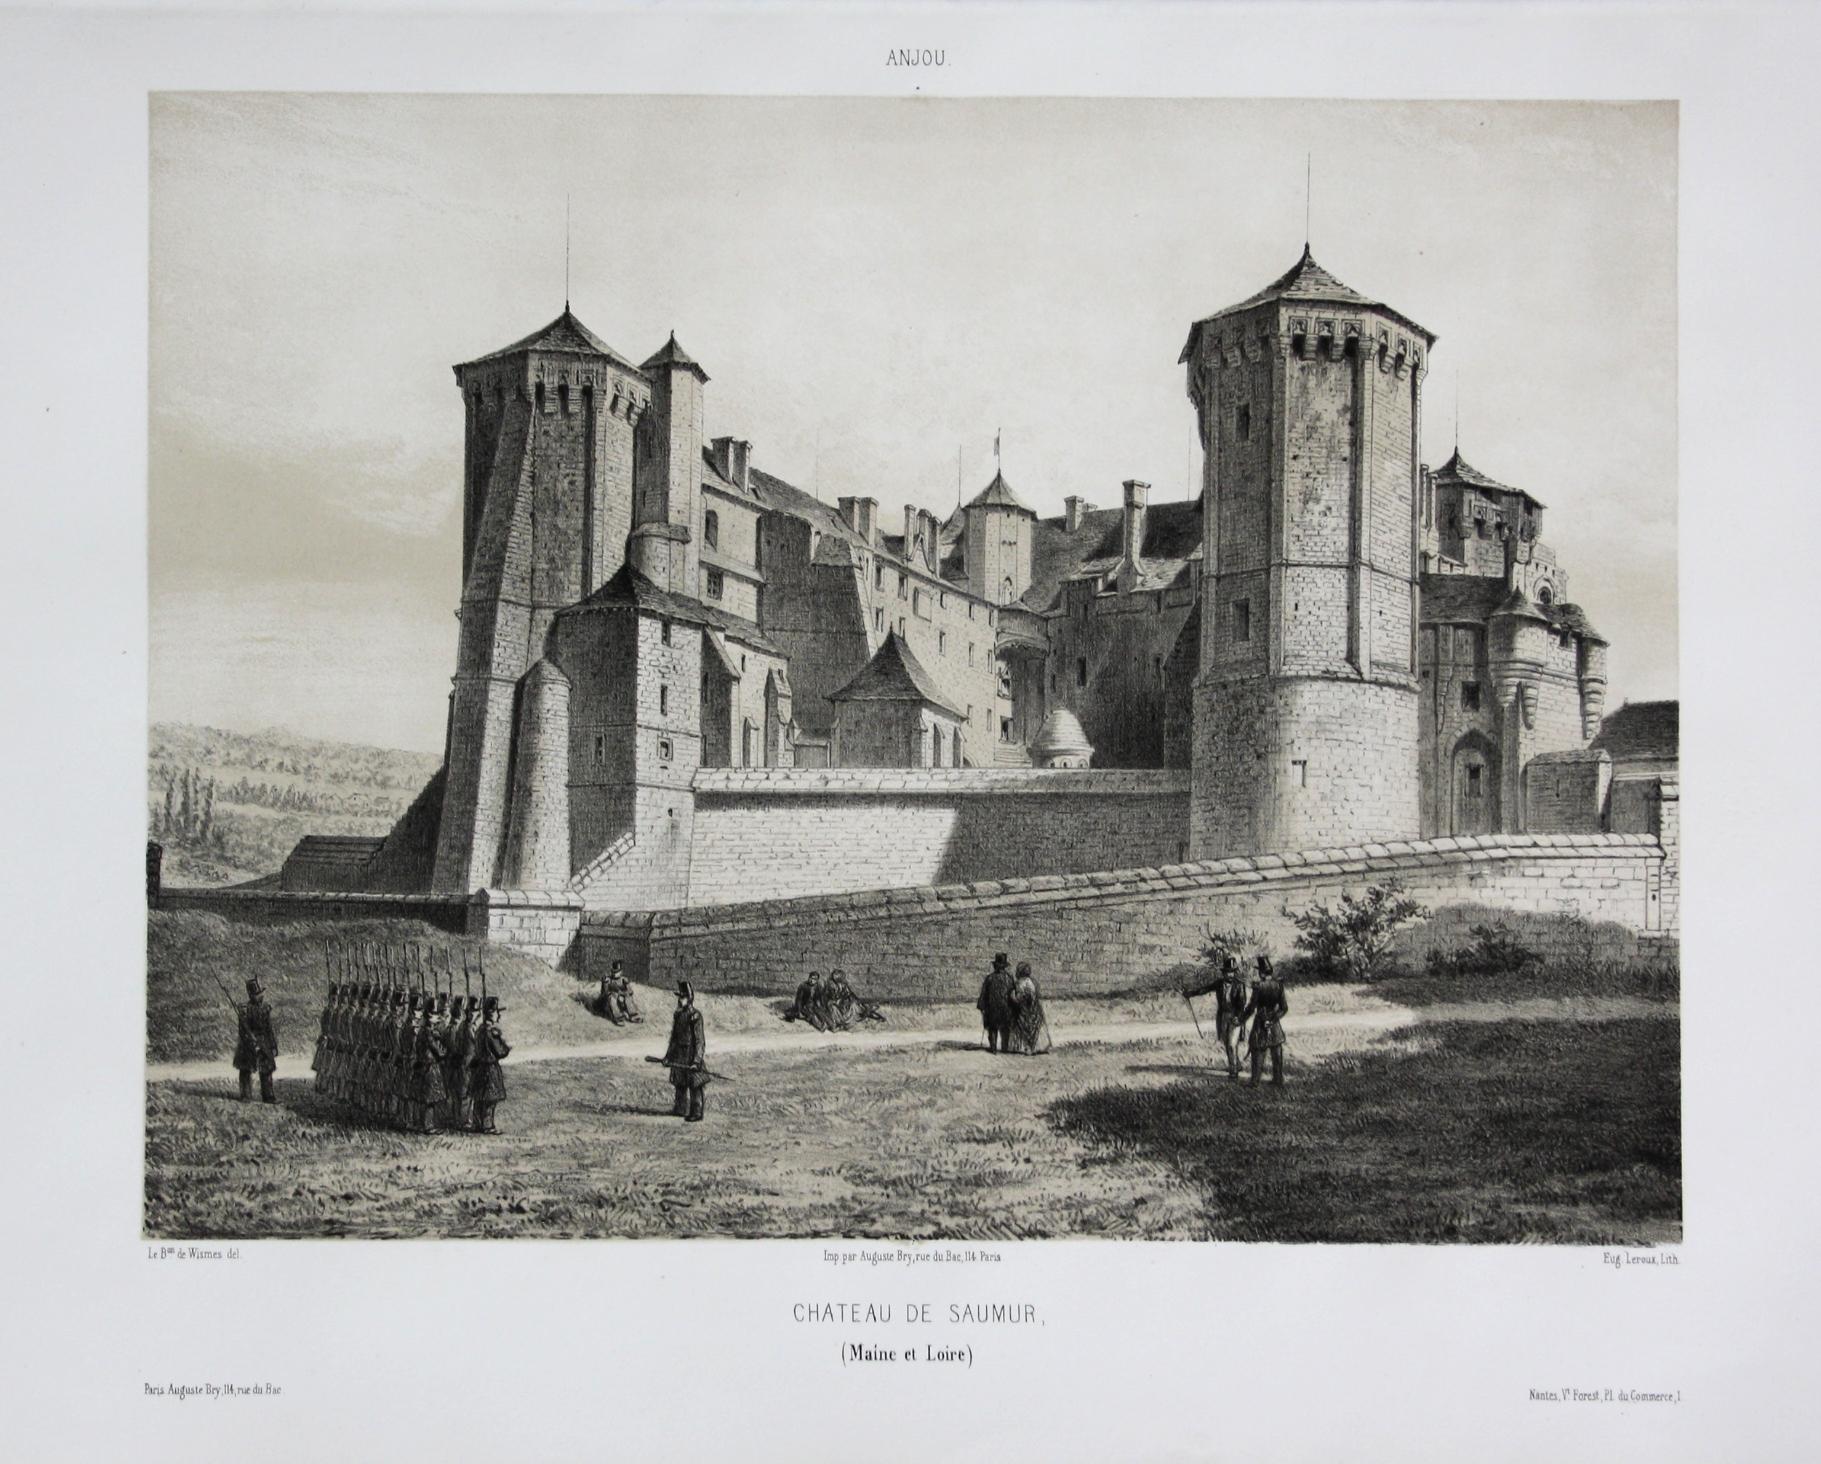 Chateau de Saumur / Maine et Loire: Wismes, Olivier de